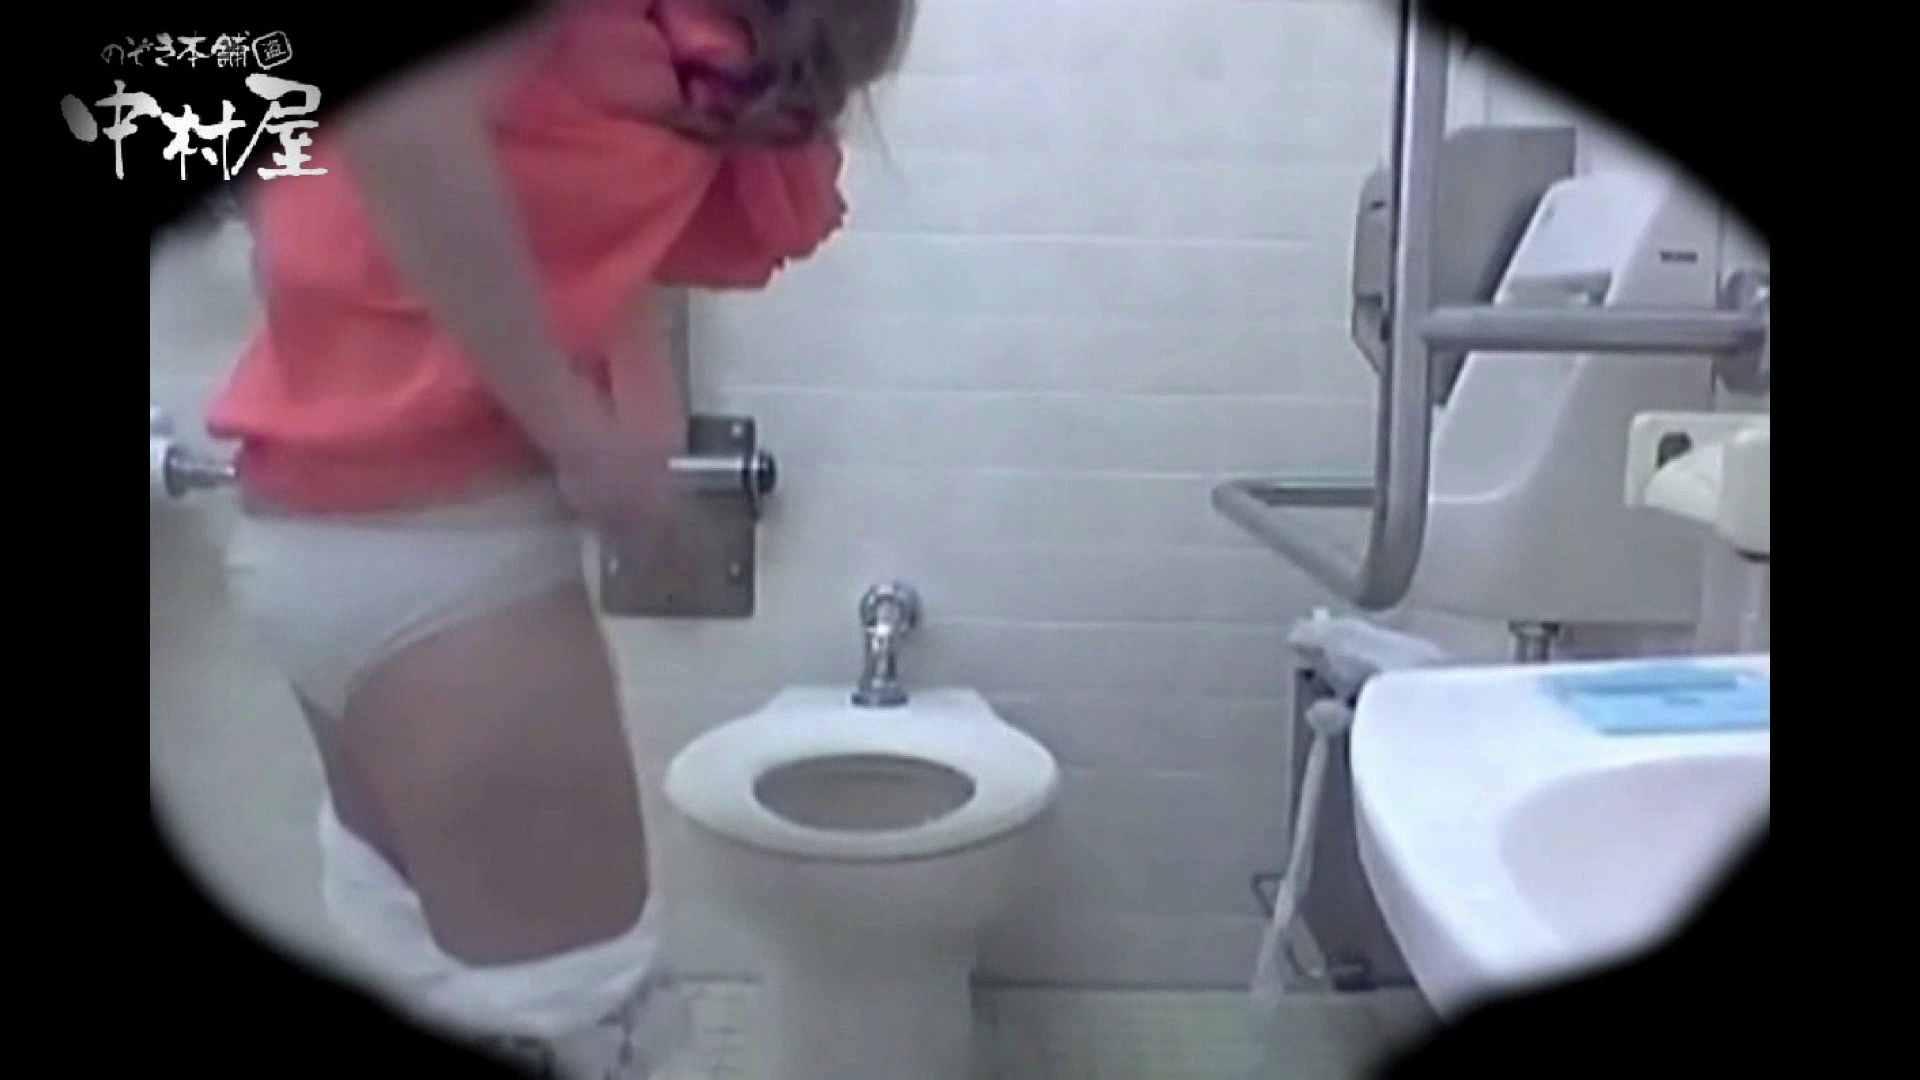 teen galトイレ覗き紙がナイ編‼vol.13 覗き放題 のぞきおめこ無修正画像 59画像 15